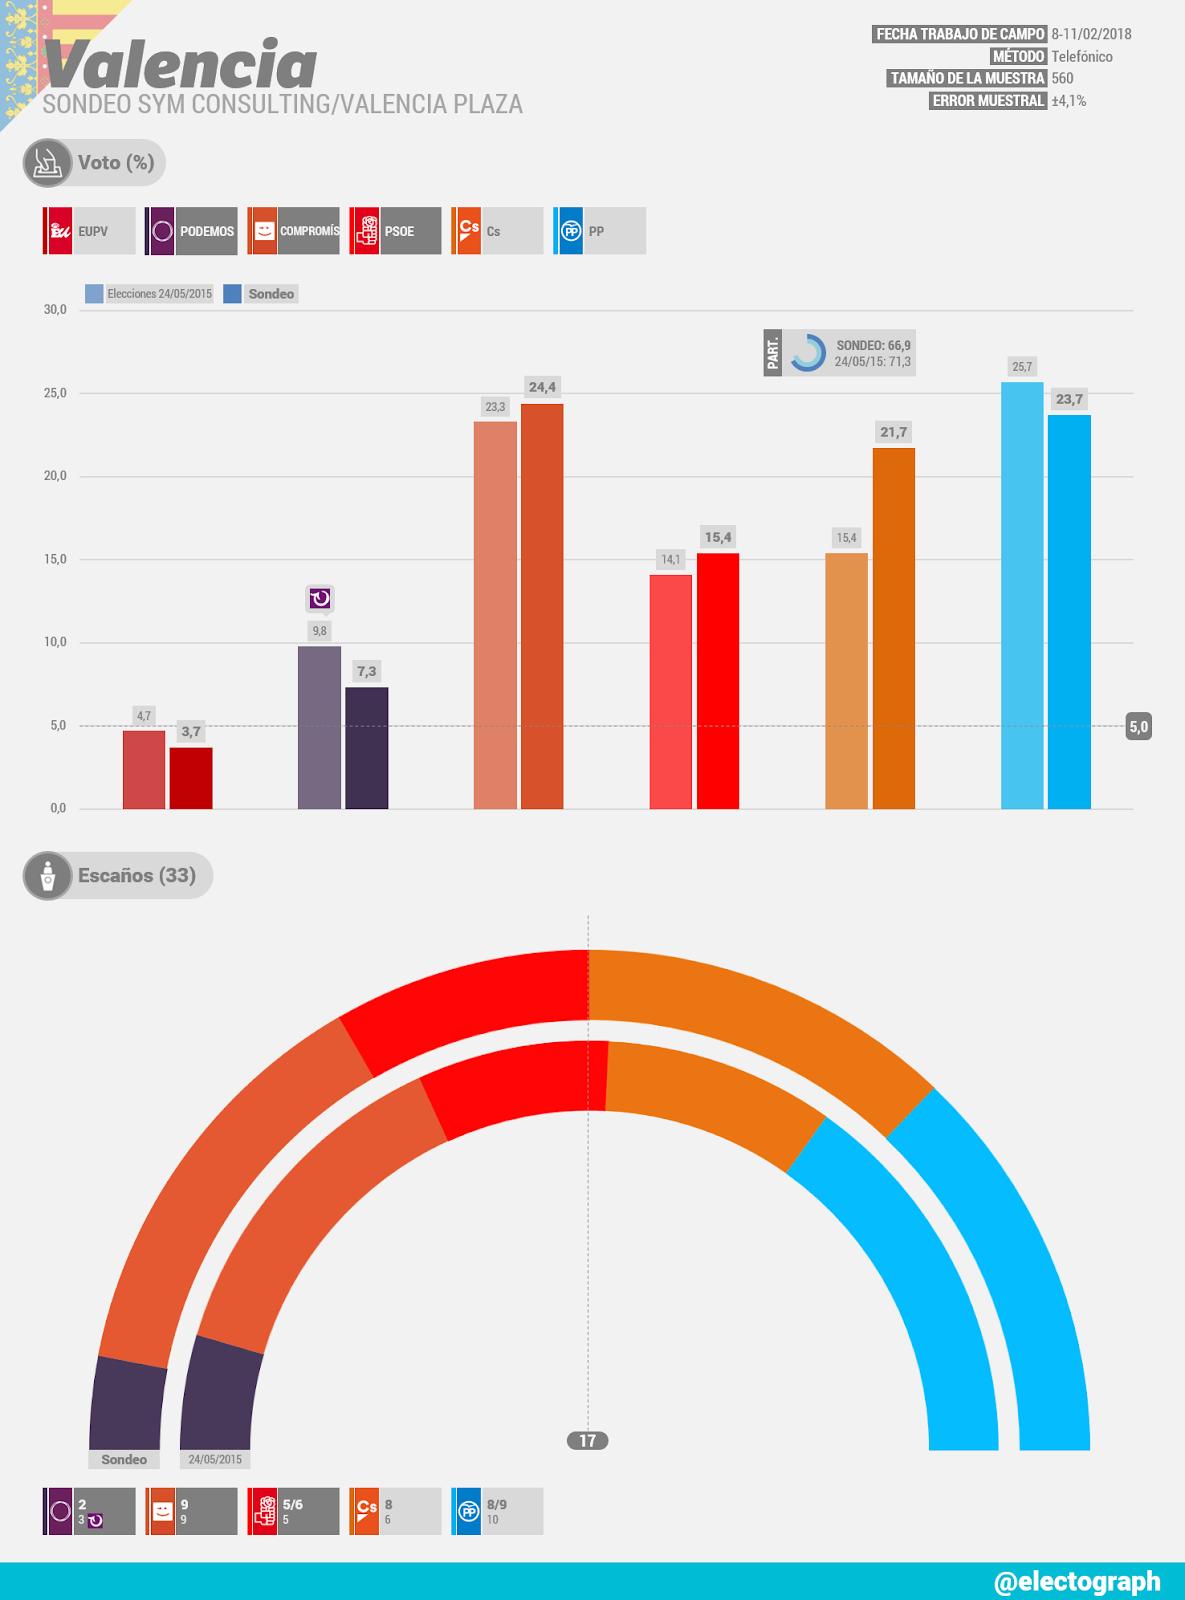 Gráfico de la encuesta para elecciones municipales en Valencia realizada por SyM Consulting para Valencia Plaza en febrero de 2018